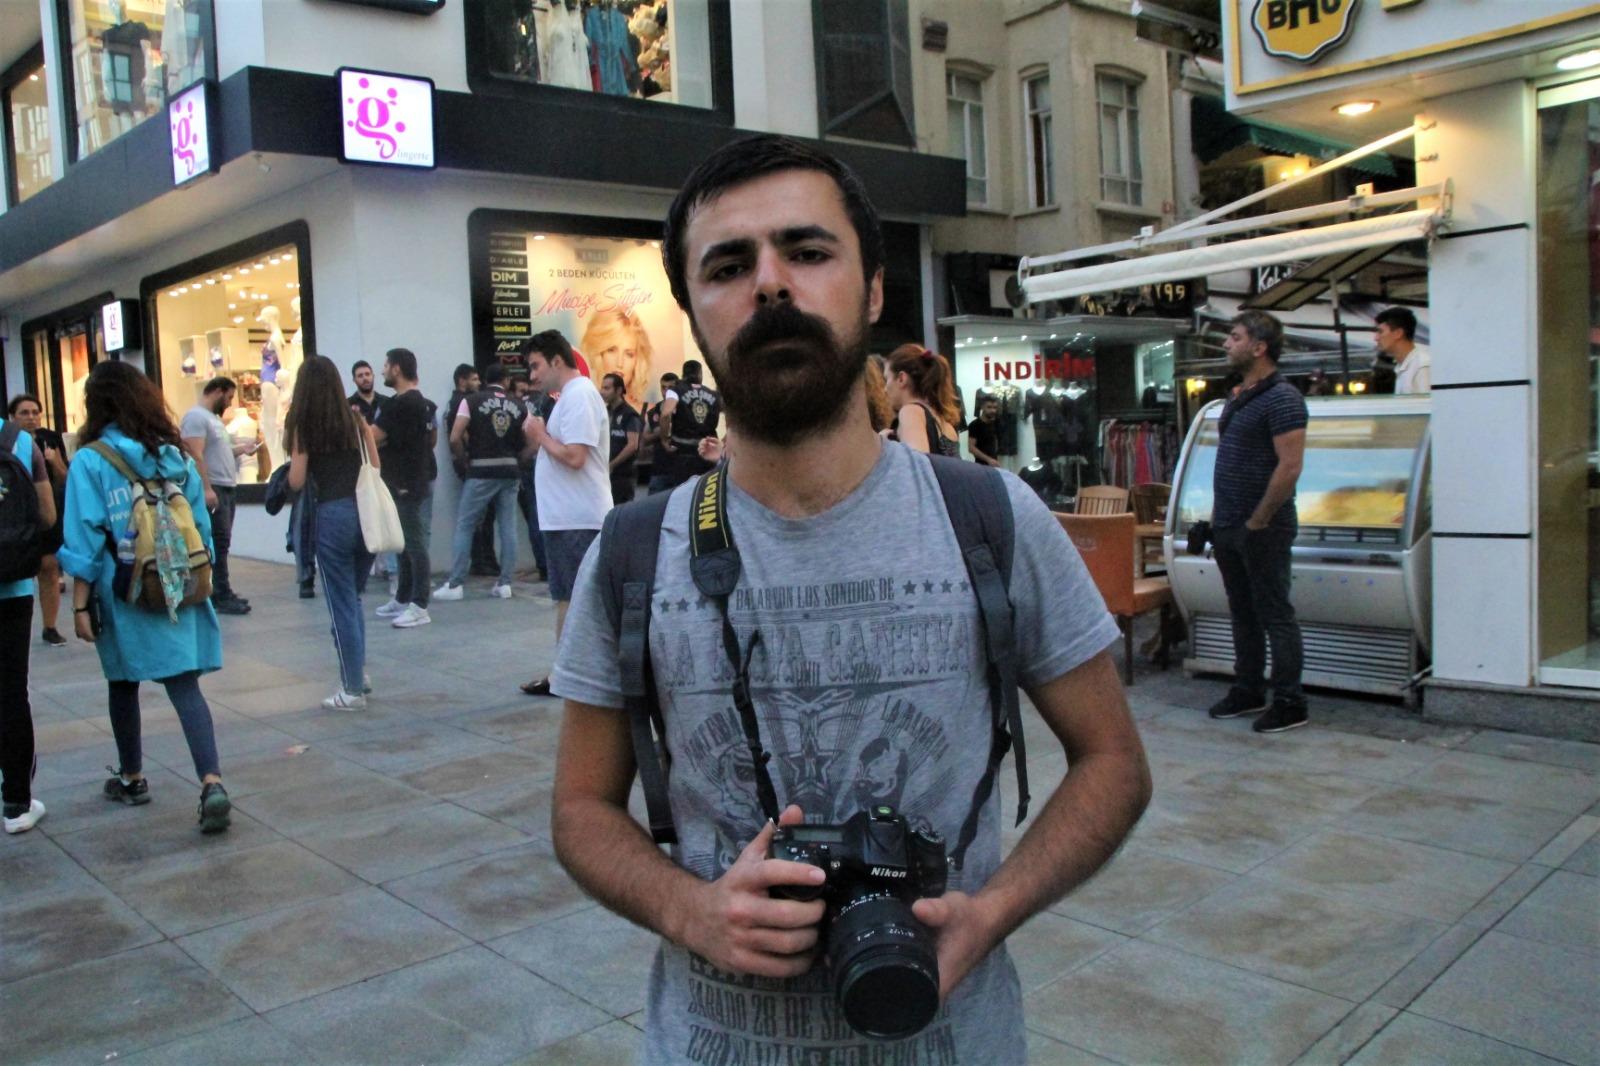 İstanbul'da gözaltına alınan iki gazeteci serbest bırakıldı